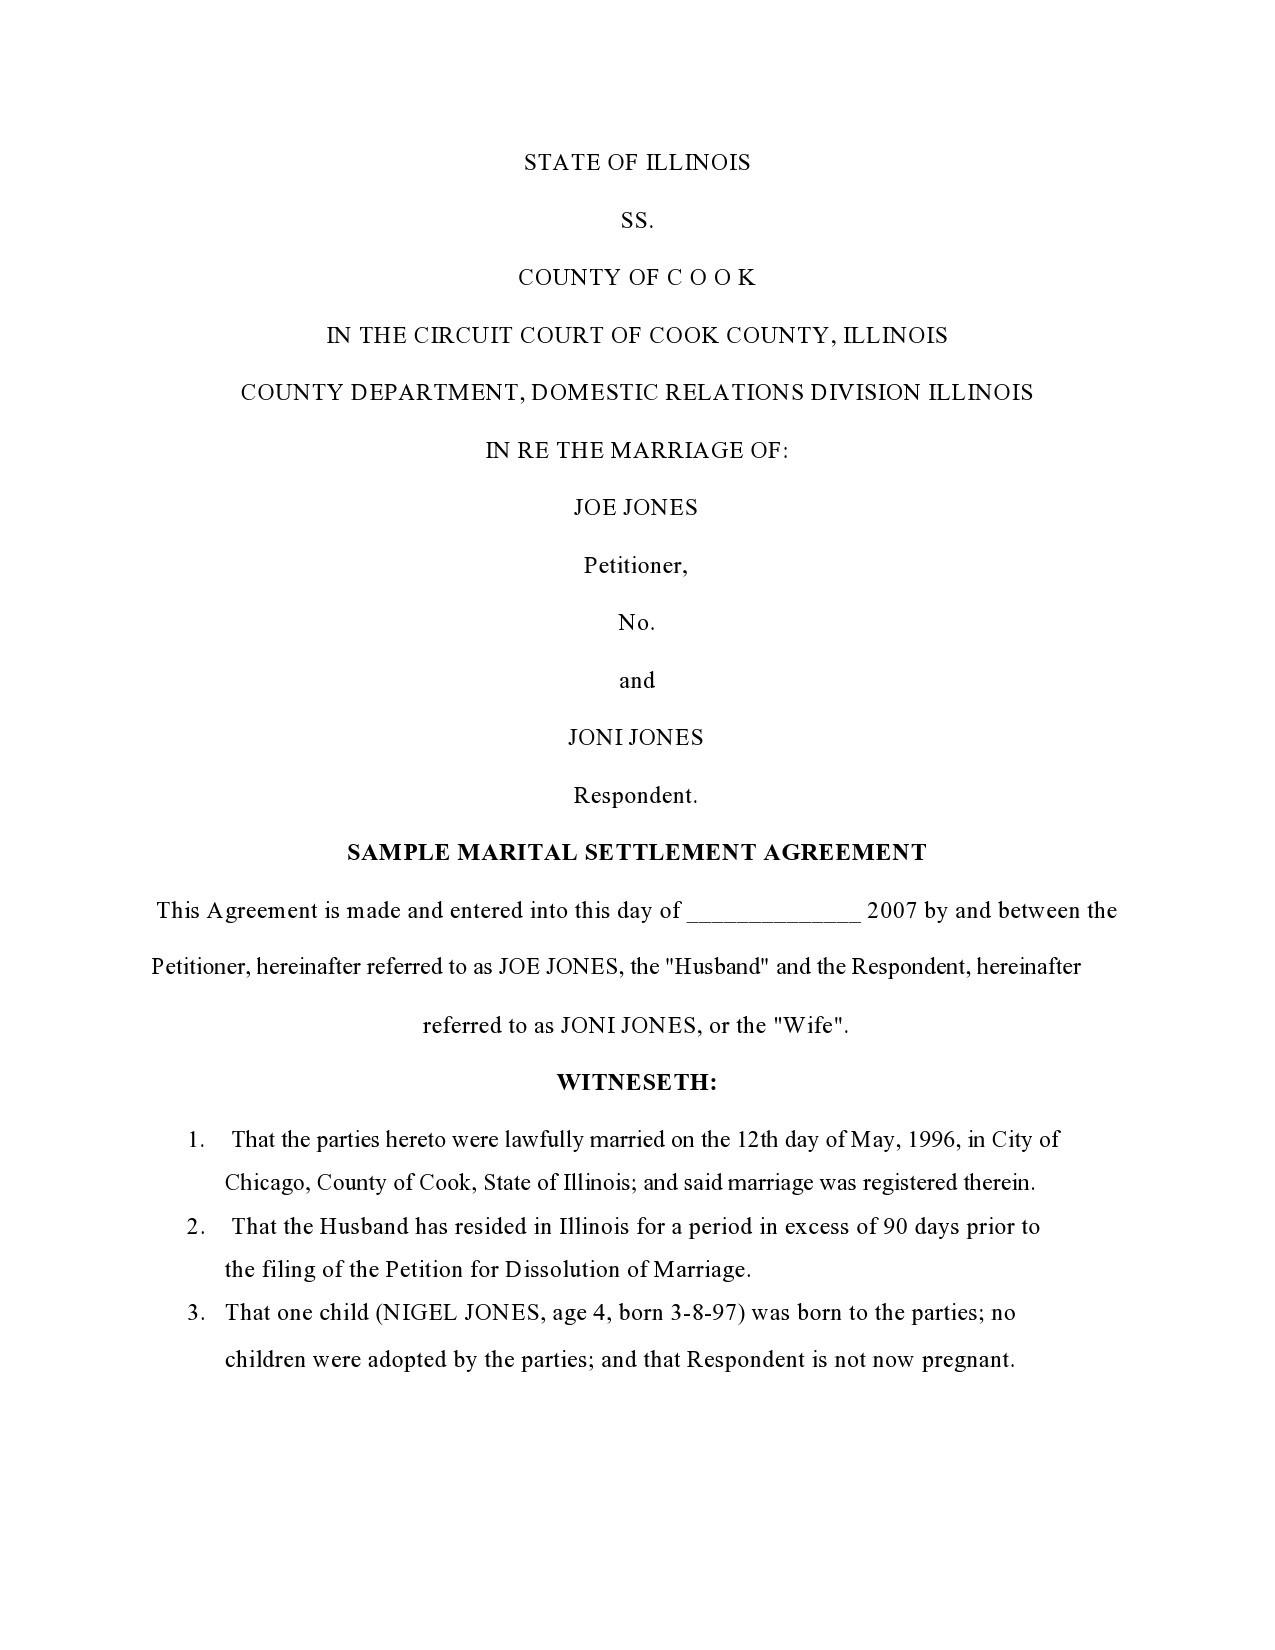 Free marital settlement agreement 20